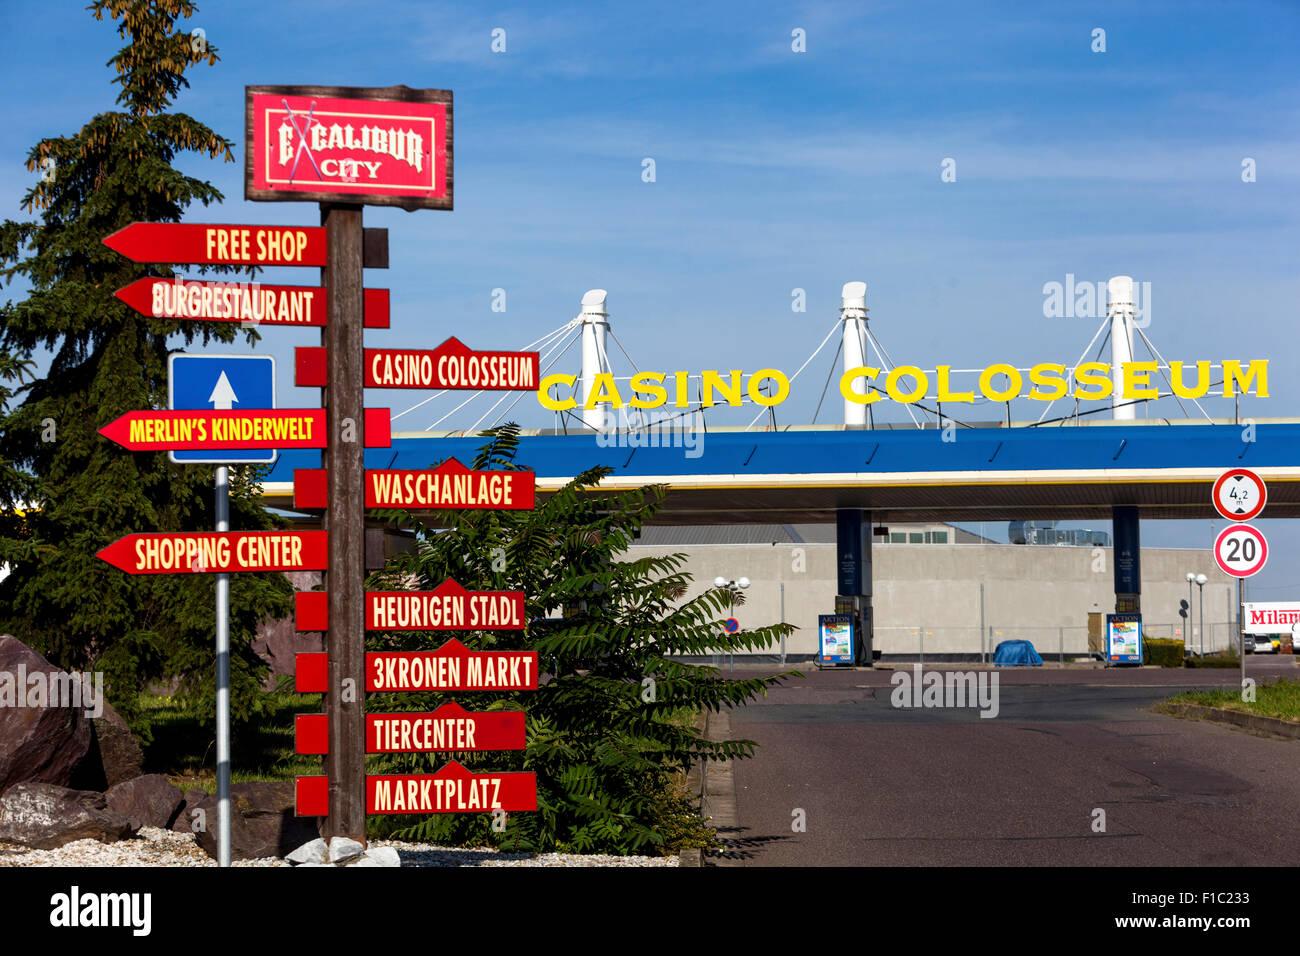 Centro comercial y de ocio de la ciudad de Excalibur de odio, cerca de Znojmo, República Checa y Austria fronteras Imagen De Stock